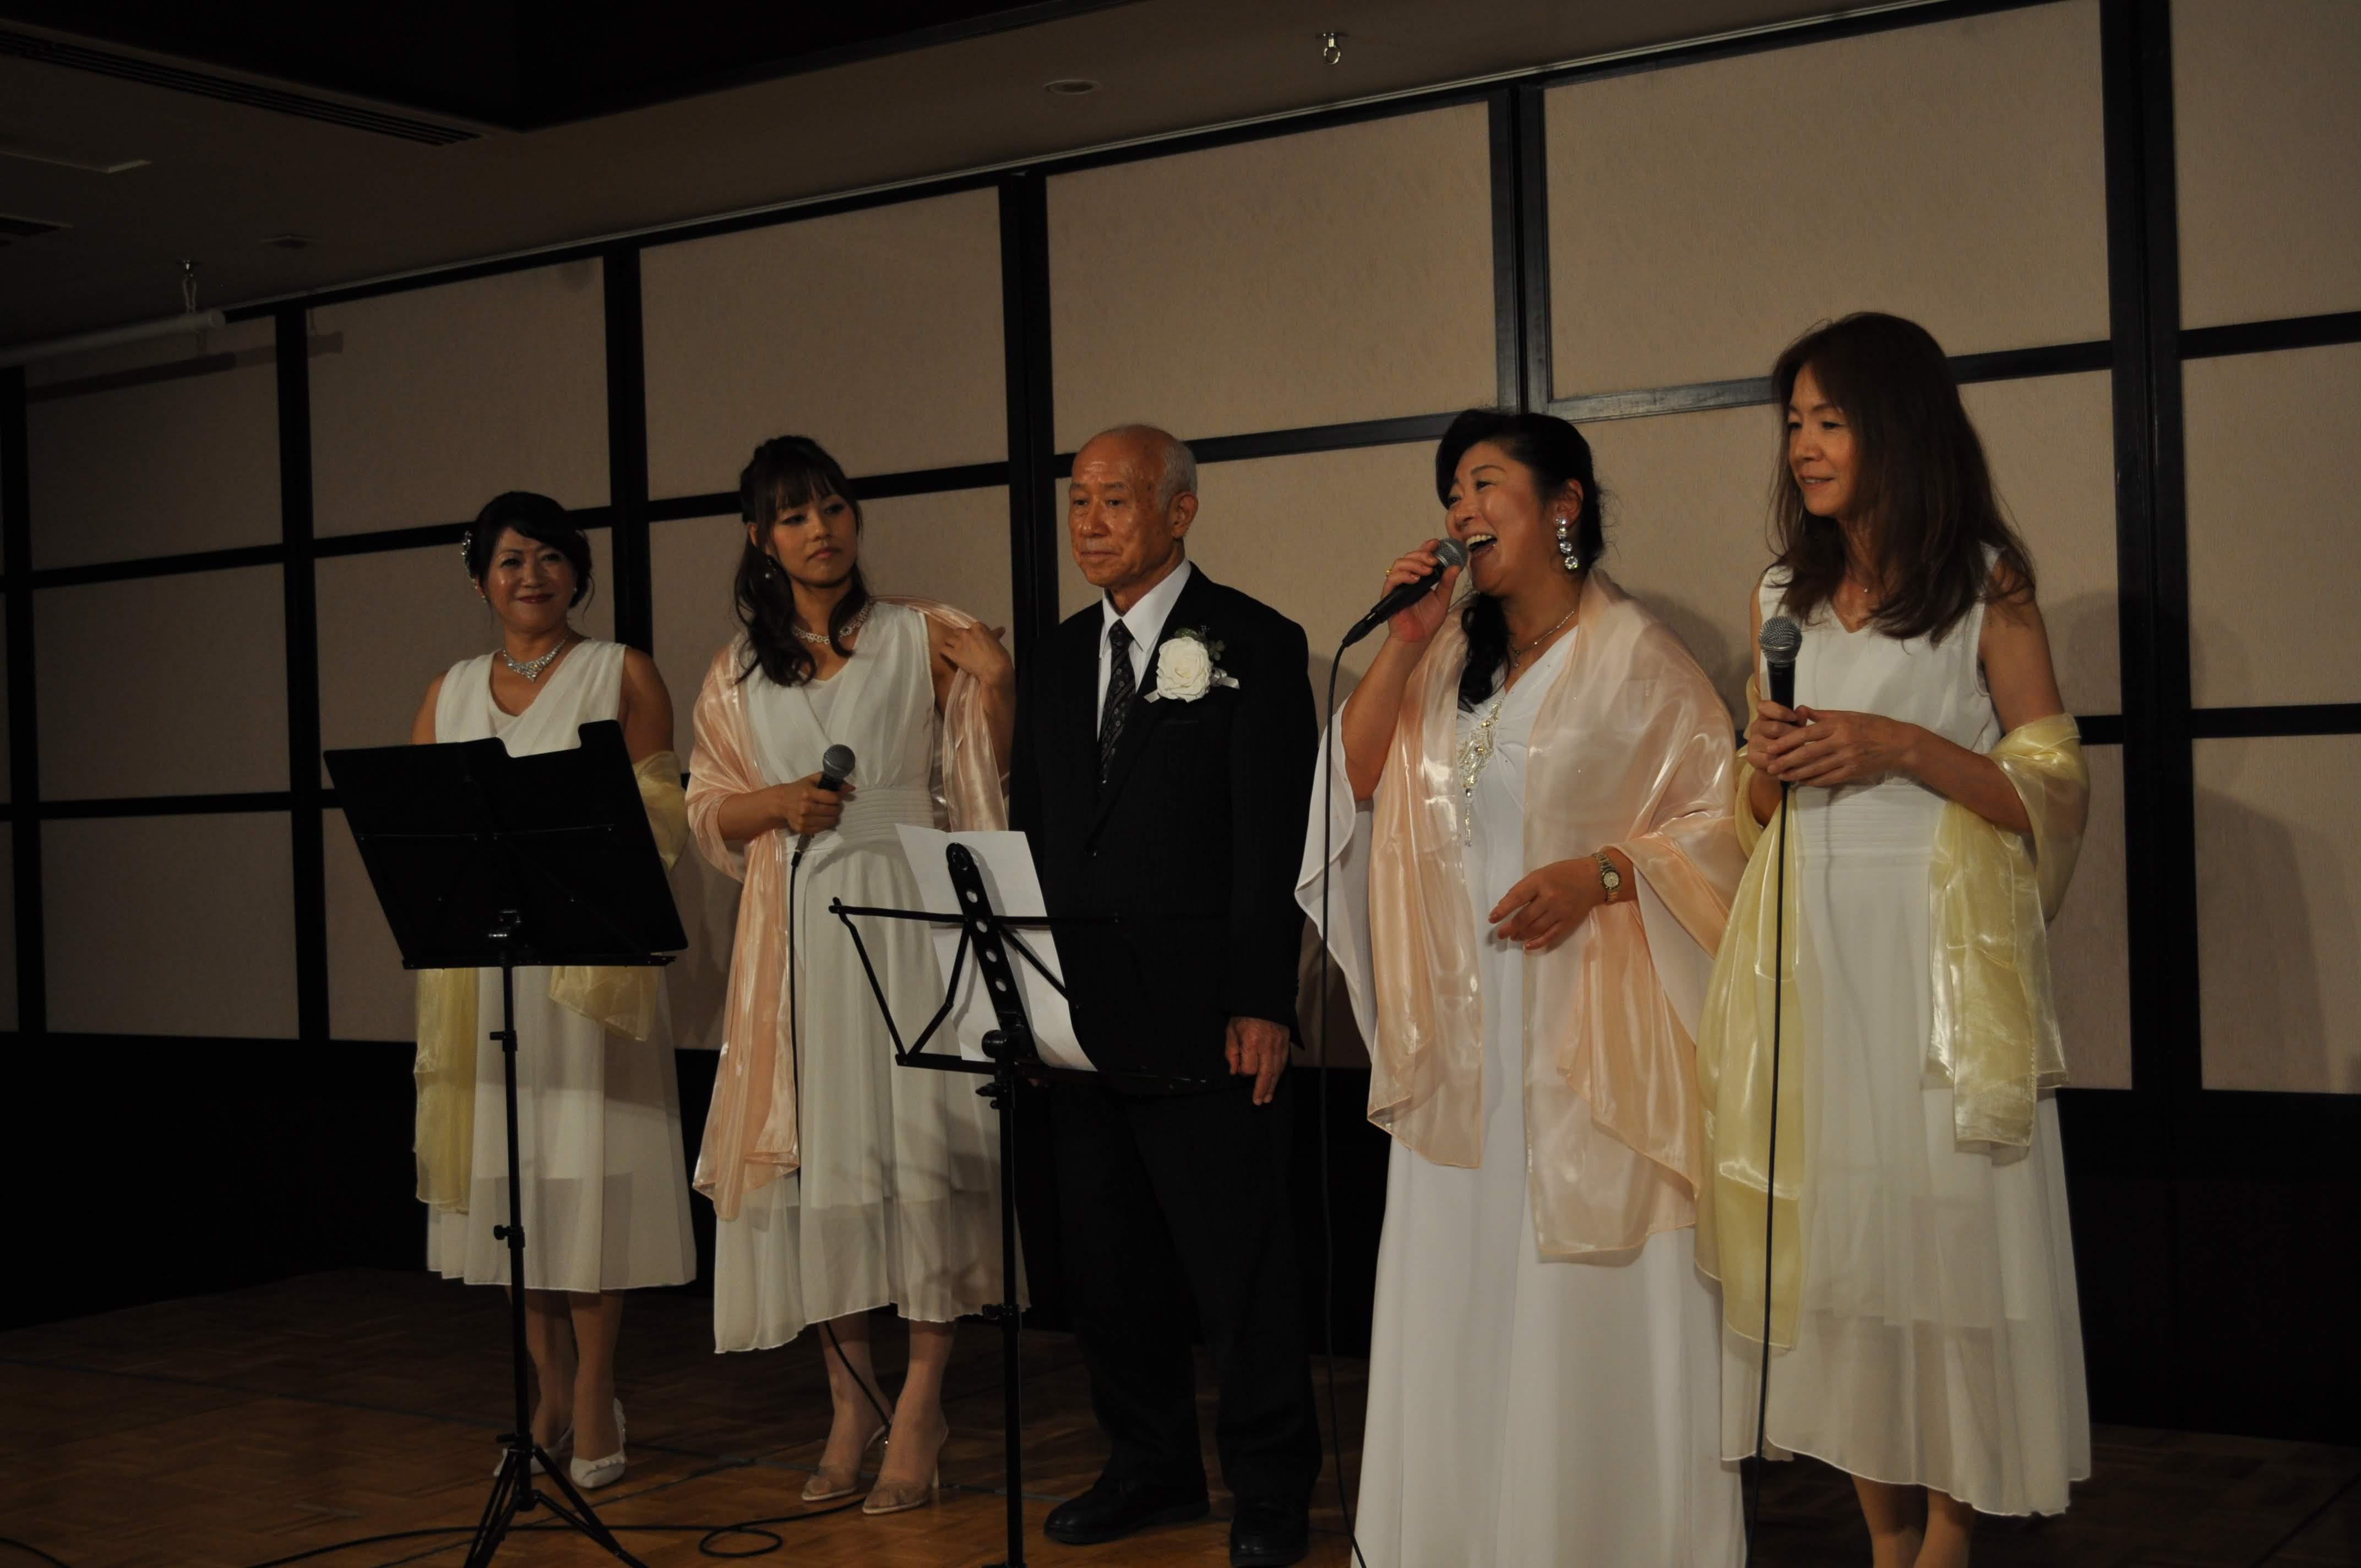 DSC 0518 1 - 思風会全国大会in広島